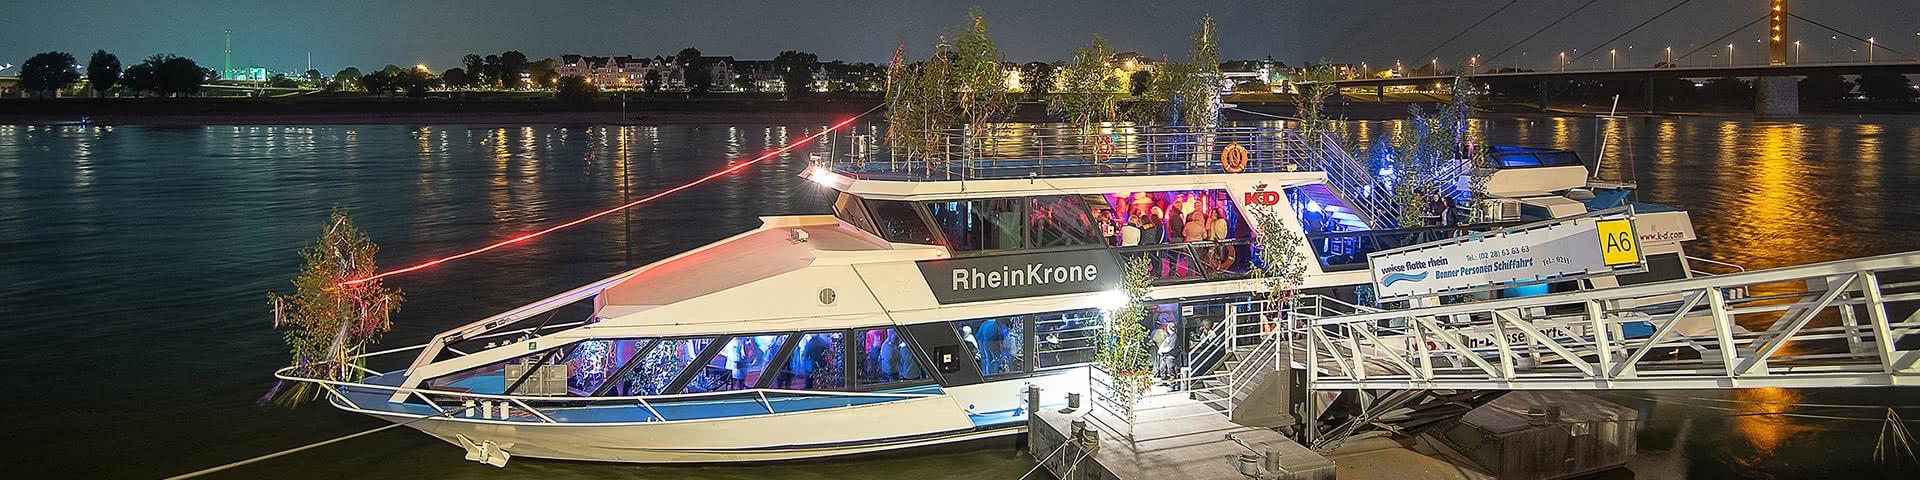 das Schiff KD Rheinkrone an einem Anleger in Düsseldorf bei Dunkelheit